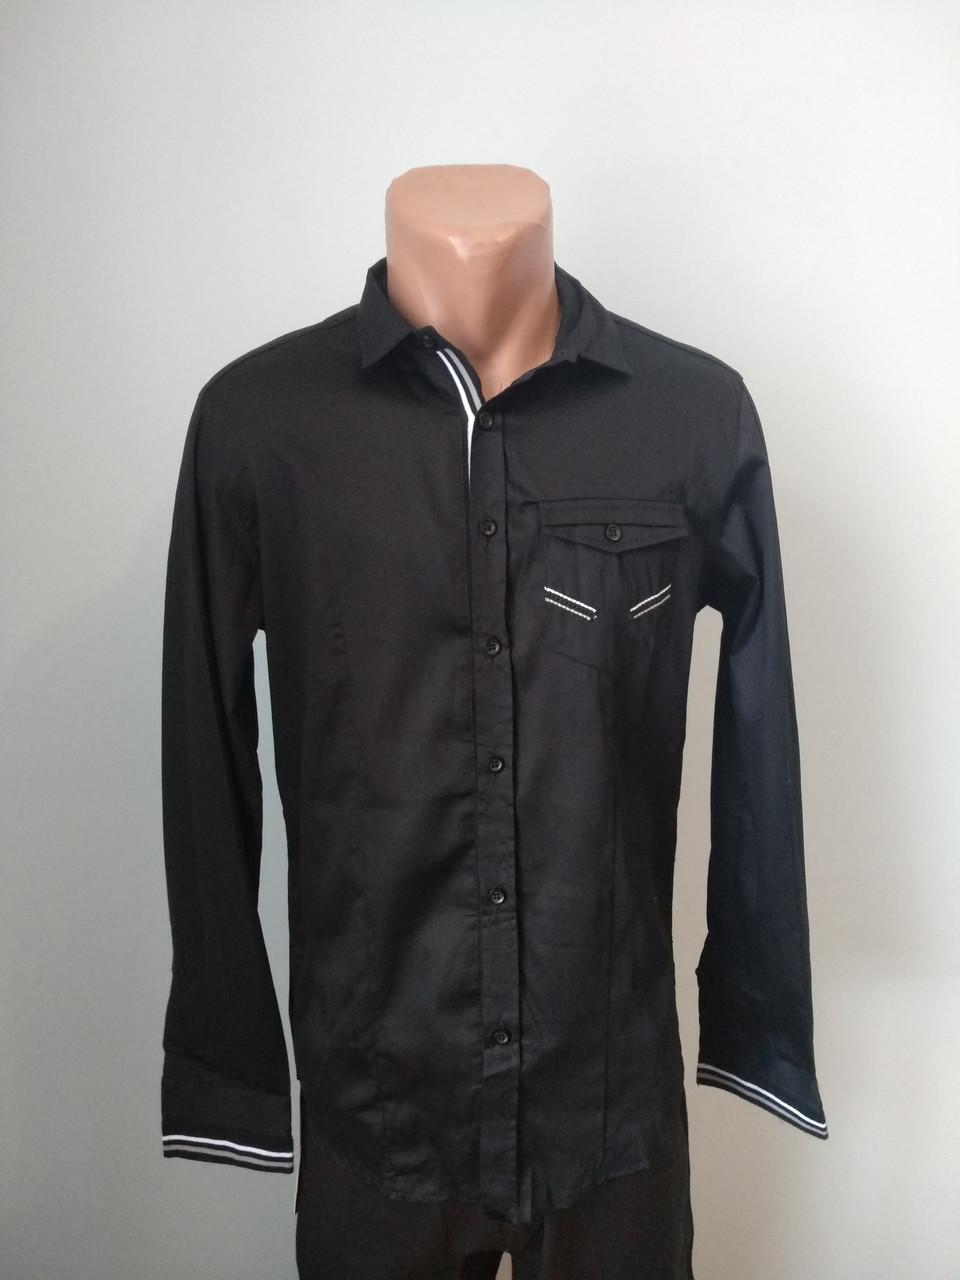 Рубашка мужская коттоновая брендовая высокого качества WEAWER, Турция